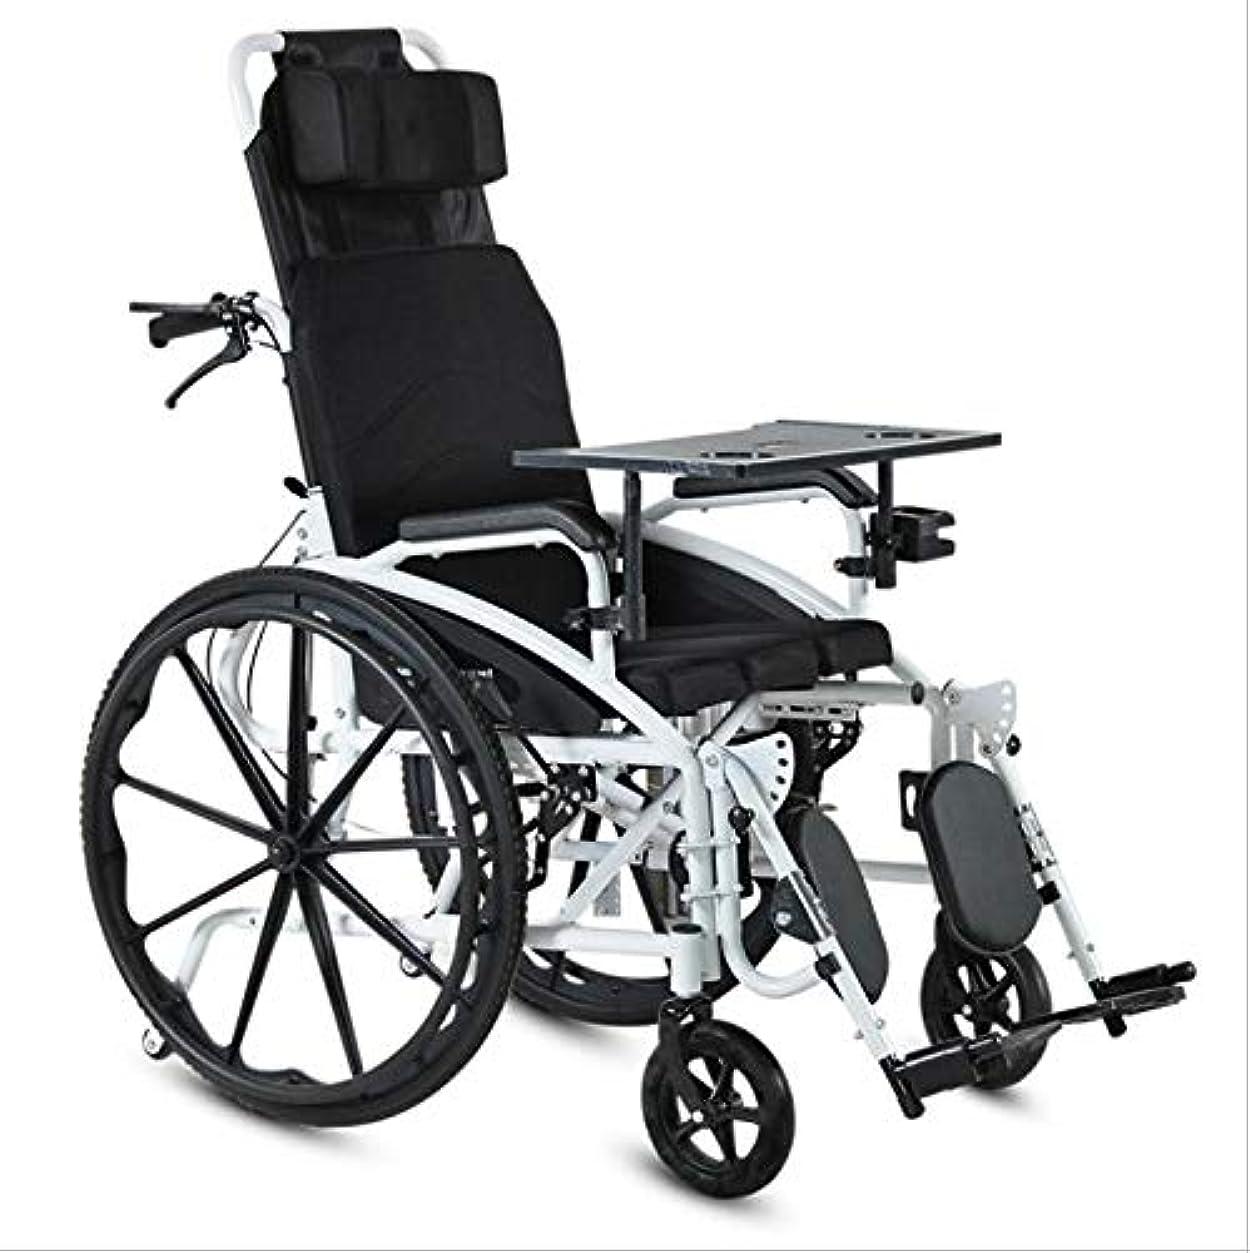 肉プロテスタント民間デラックス車椅子昇降脚休符デスクの長腕休符パッド入りナイロンシート